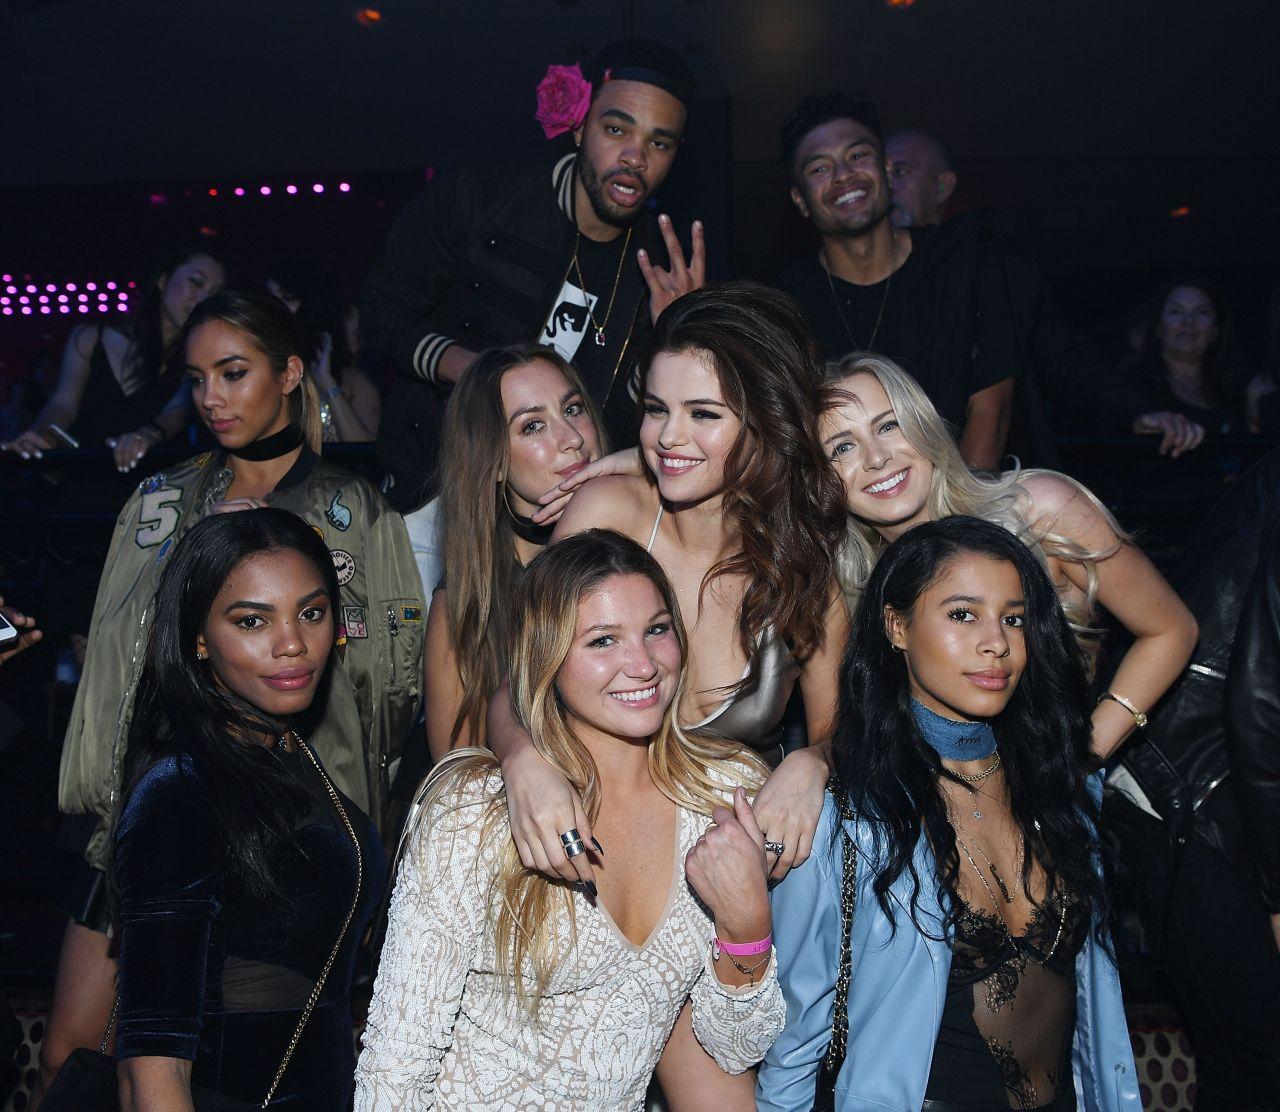 Selena Gomez House Tour: Revial Tour After Party Las Vegas, NV 5/6/2016